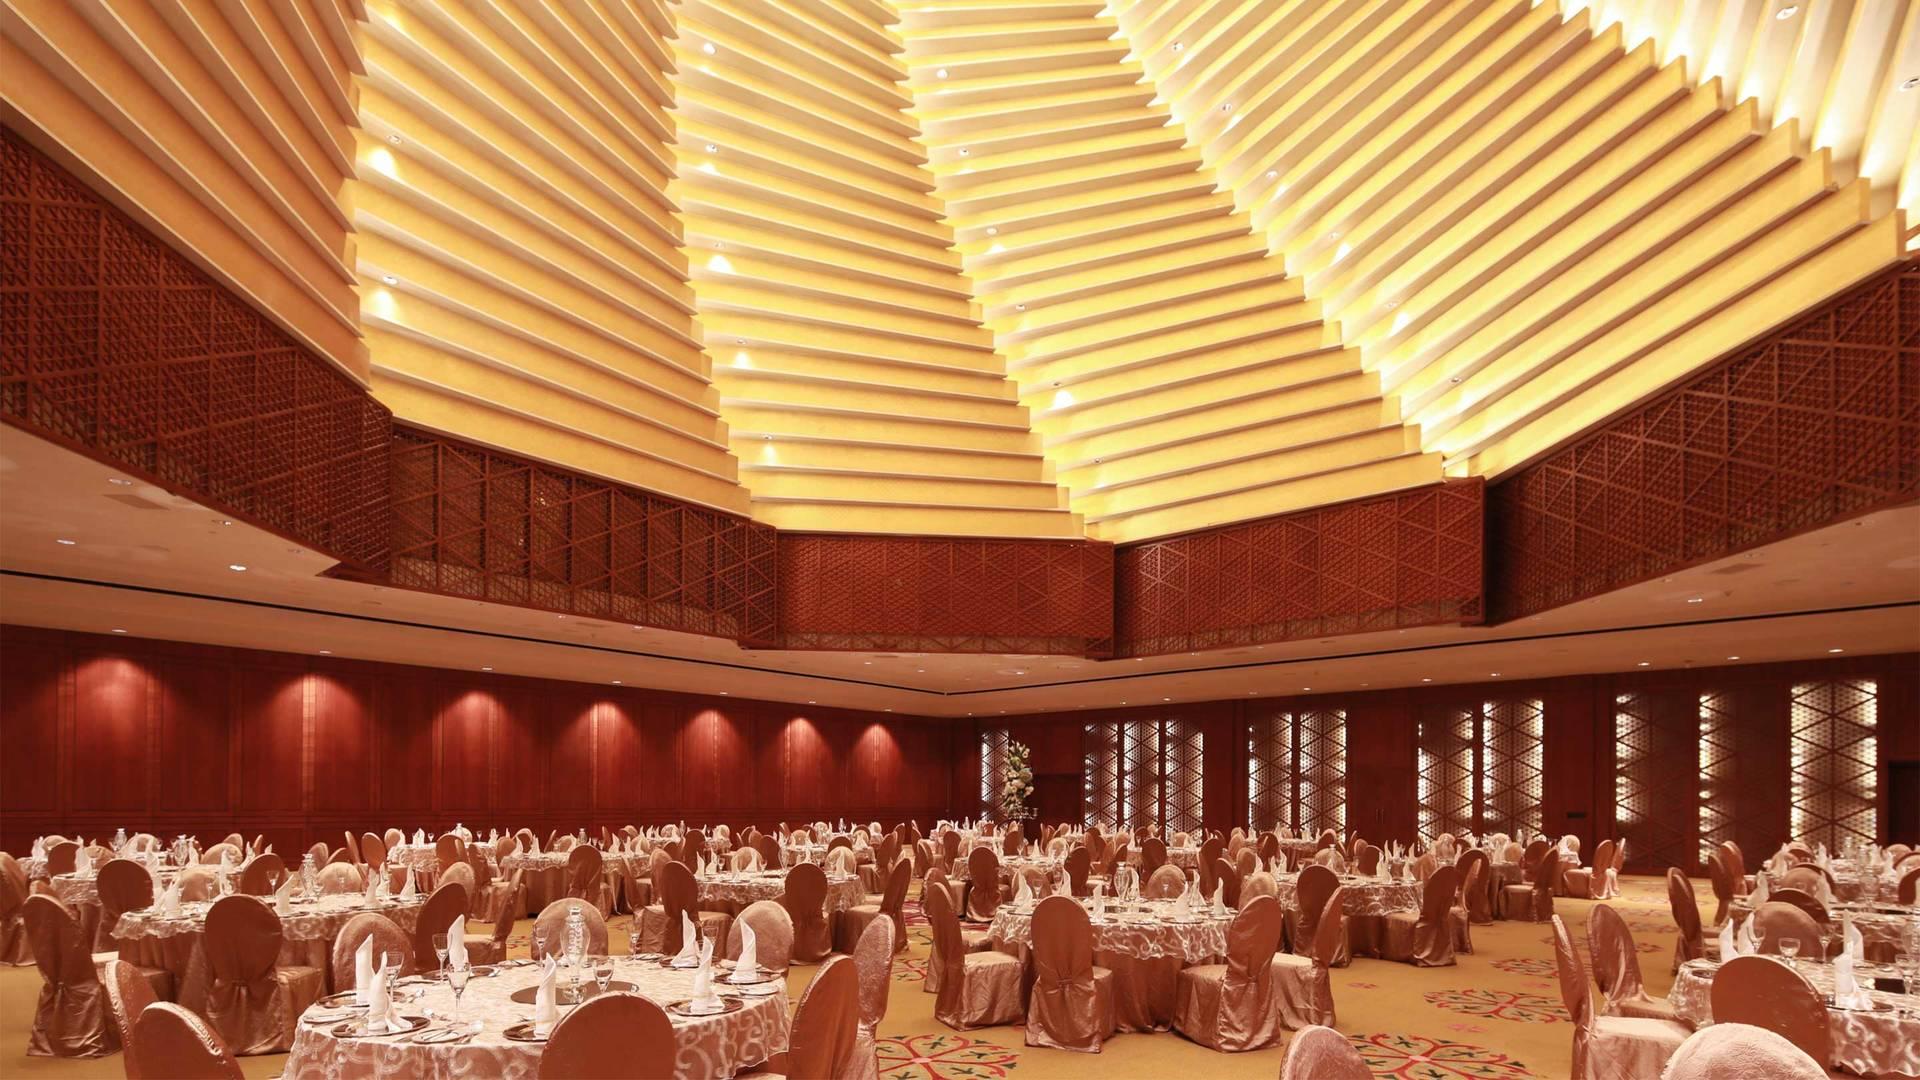 https://cdn.jumeirah.com/-/mediadh/DH/Hospitality/Jumeirah/Hotels/Kuwait/Jumeirah-Messilah-Beach-Hotel-and-Spa/Meeting-Rooms/Badriah-Ballroom/169BadriahBallroominterior-whloe-JumeirahMessilahBeachHotelSpa_landscape.jpg?h=1080&w=1920&hash=03C992291CF6976049F1702C1E977024